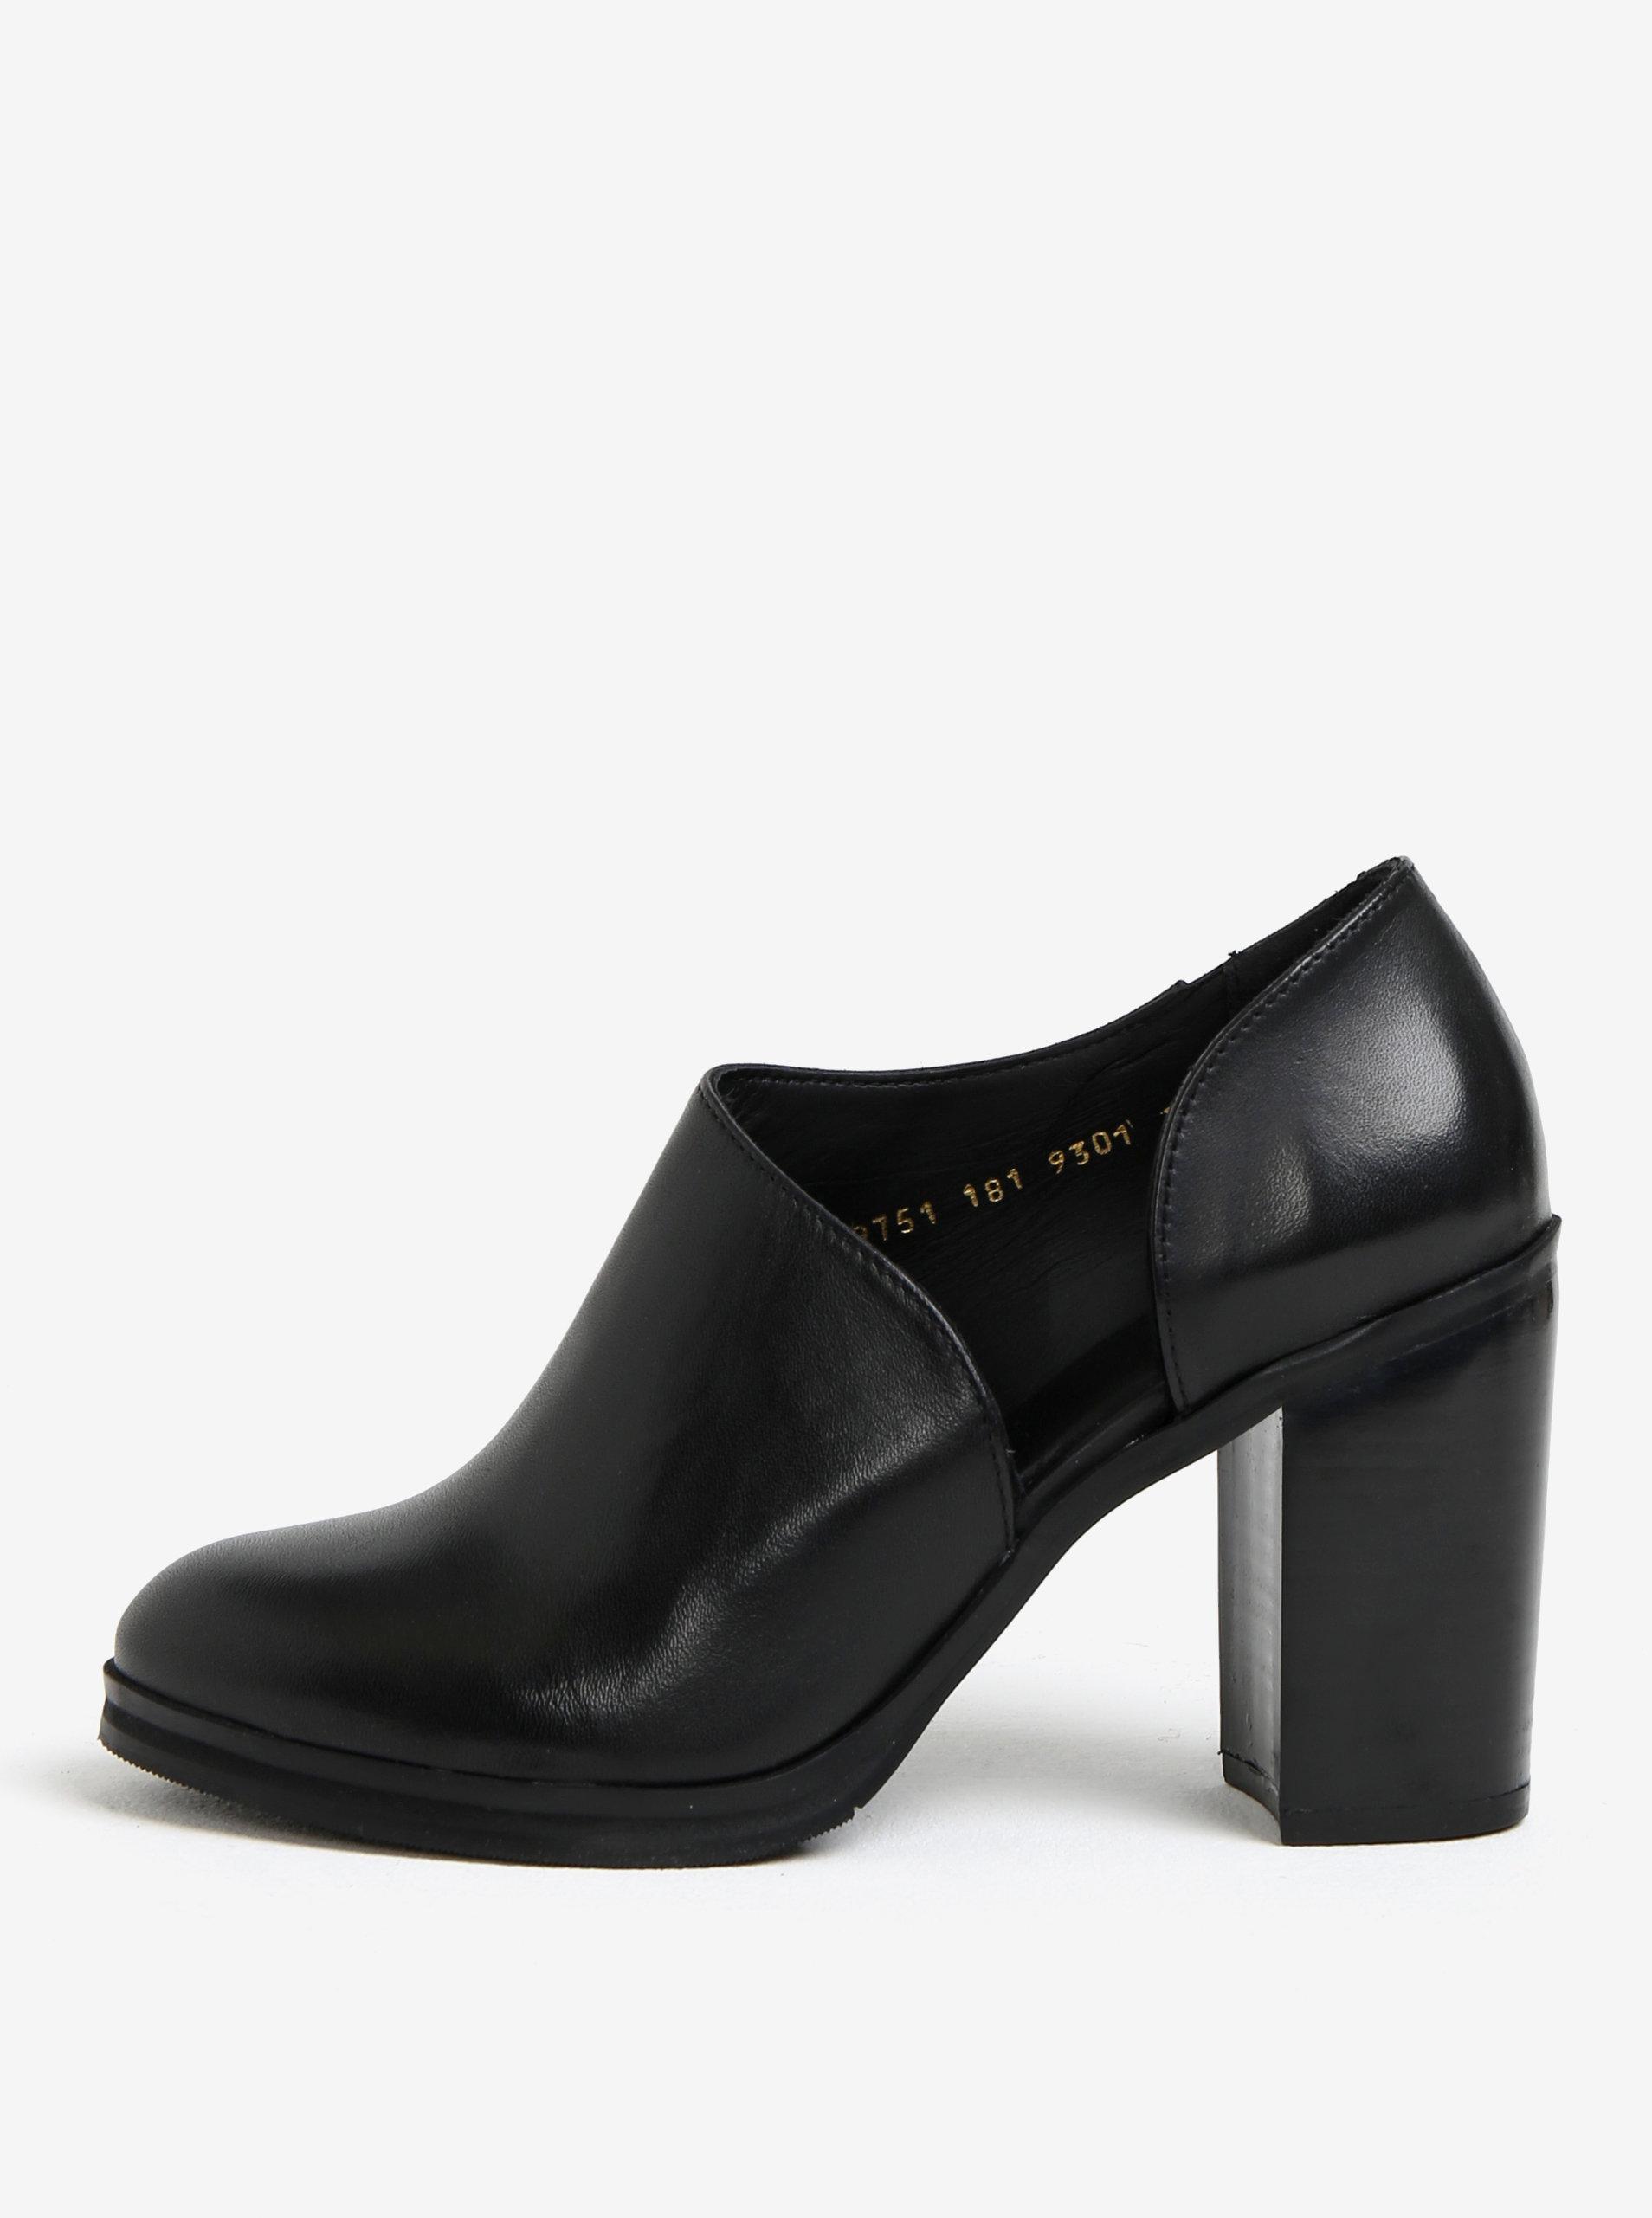 Černé dámské kožené boty na vysokém podpatku Royal RepubliQ ... 7082127e06